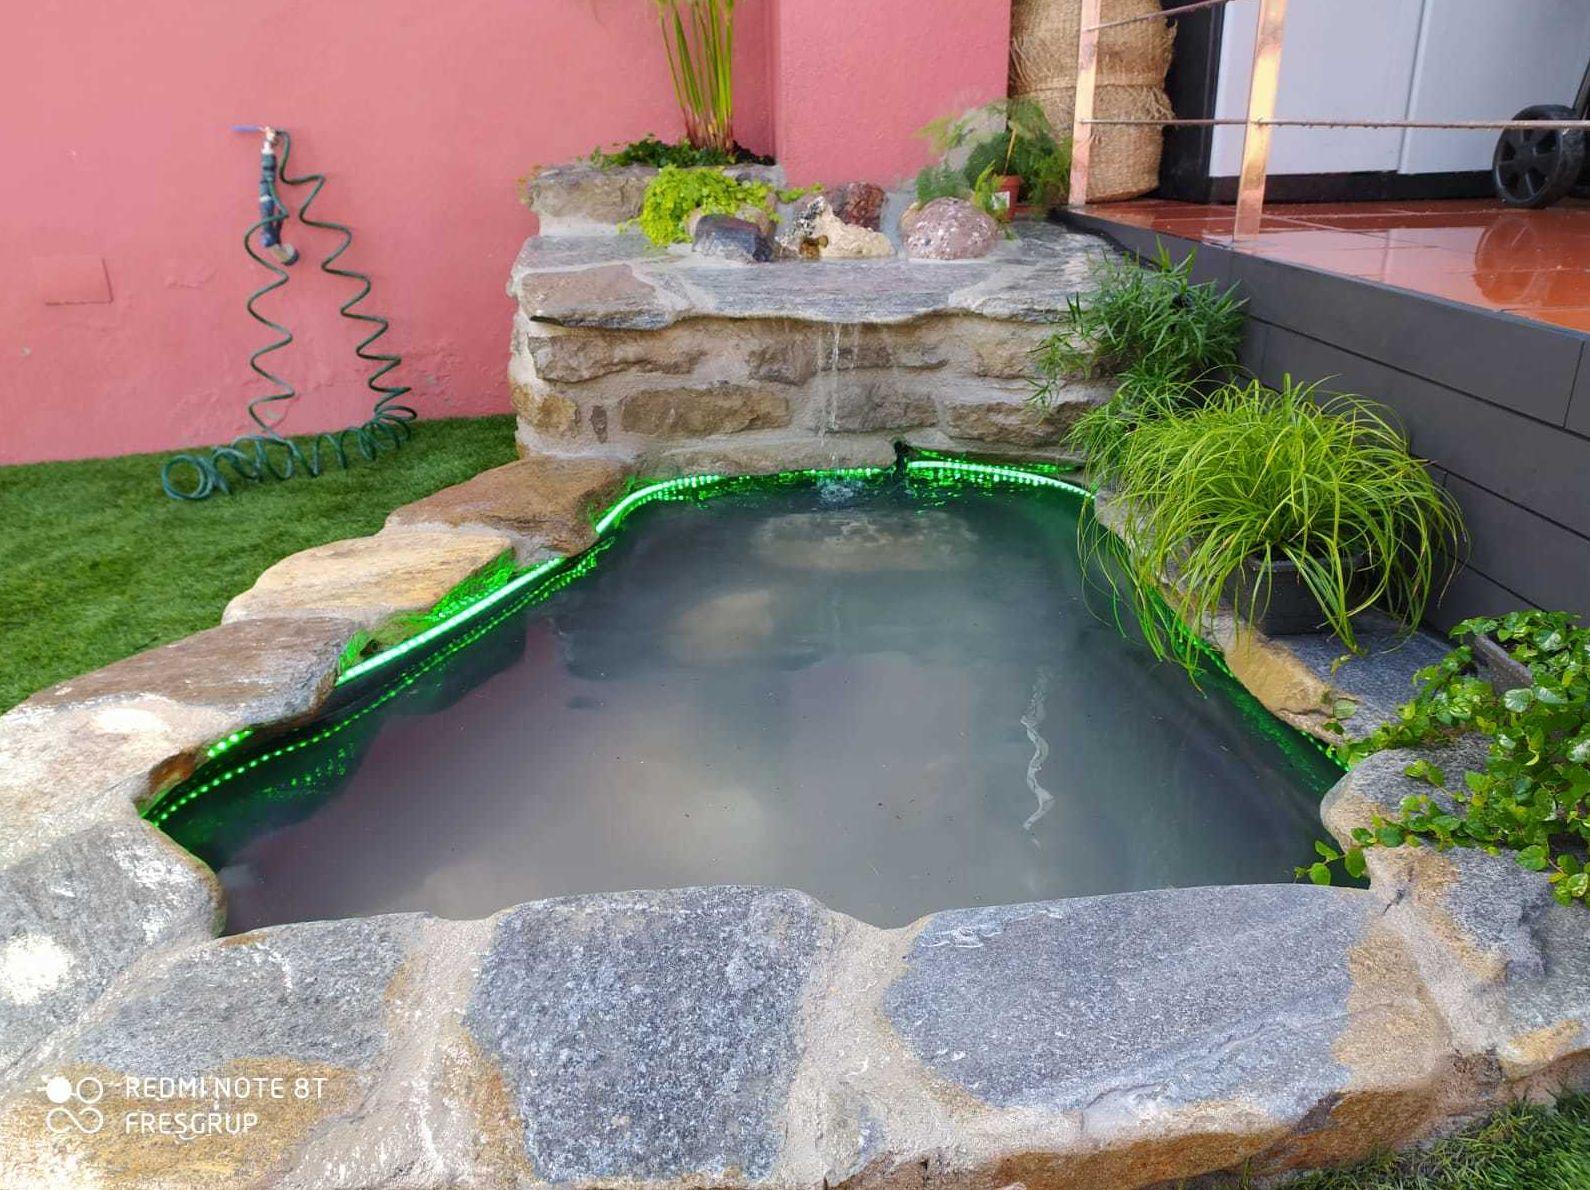 Mantenimiento de jardines en Molet dell Valles